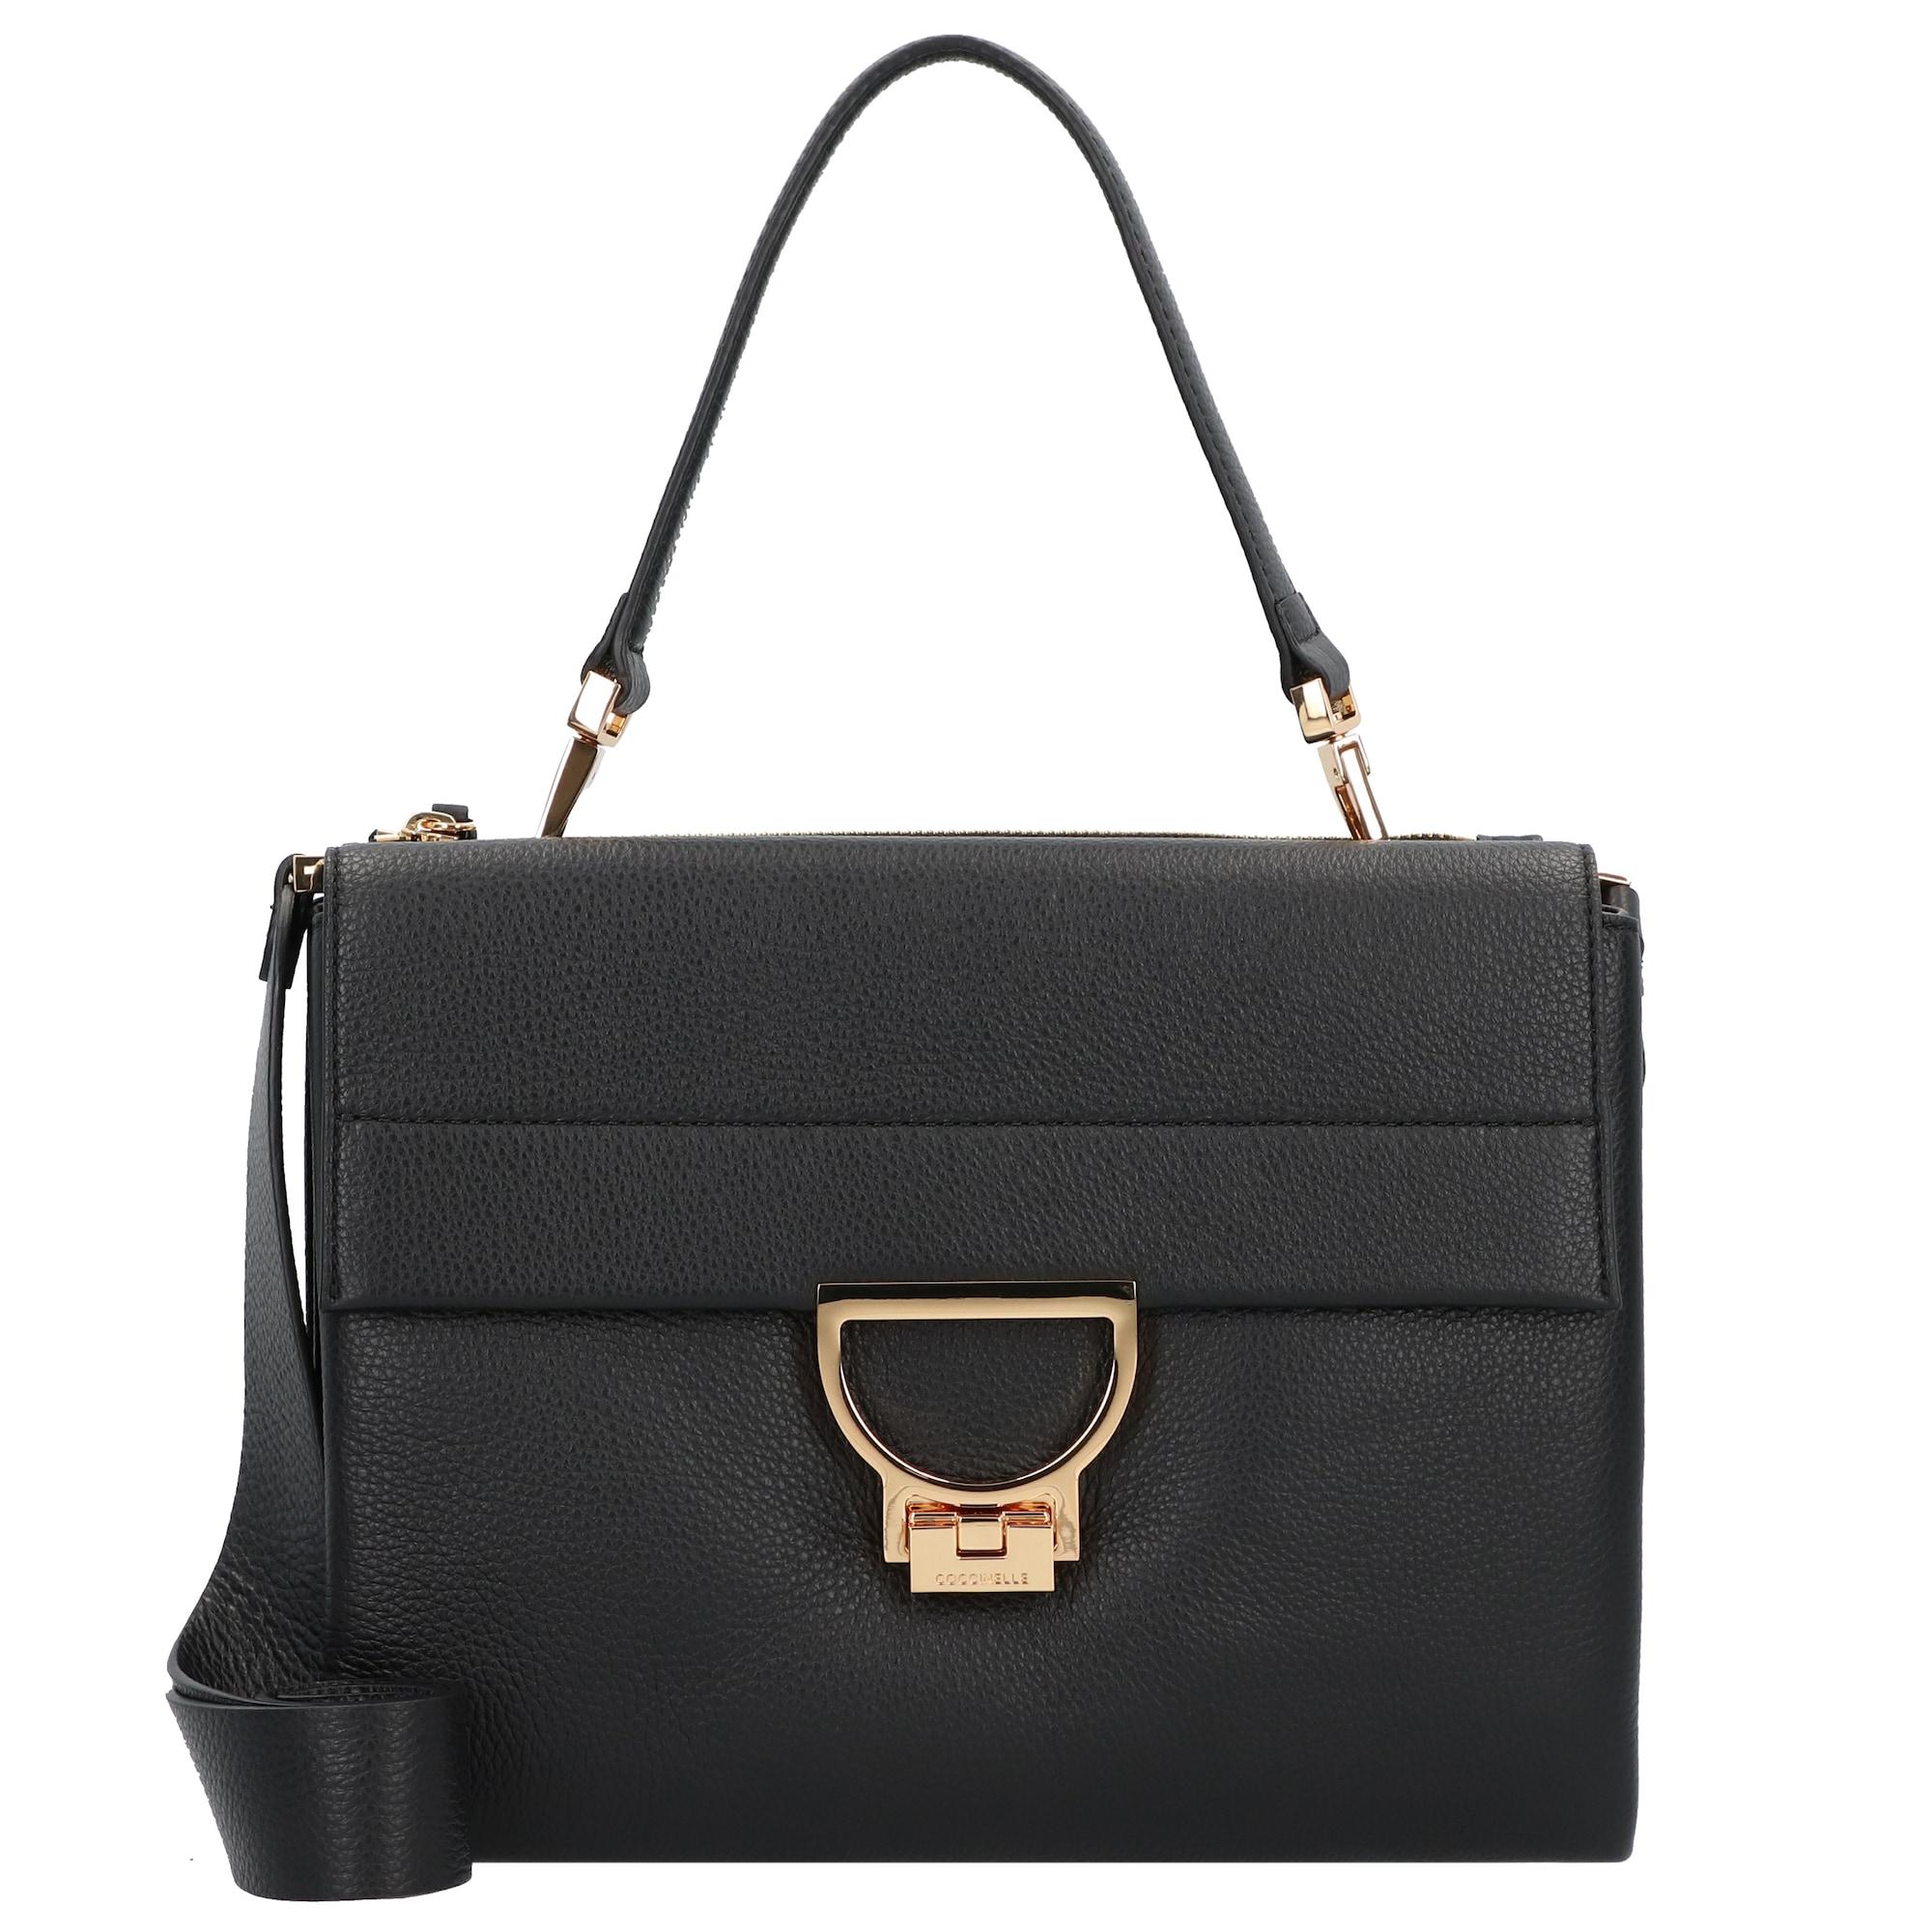 Handtasche 'Arlettis Maxi' | Taschen > Handtaschen > Sonstige Handtaschen | Coccinelle